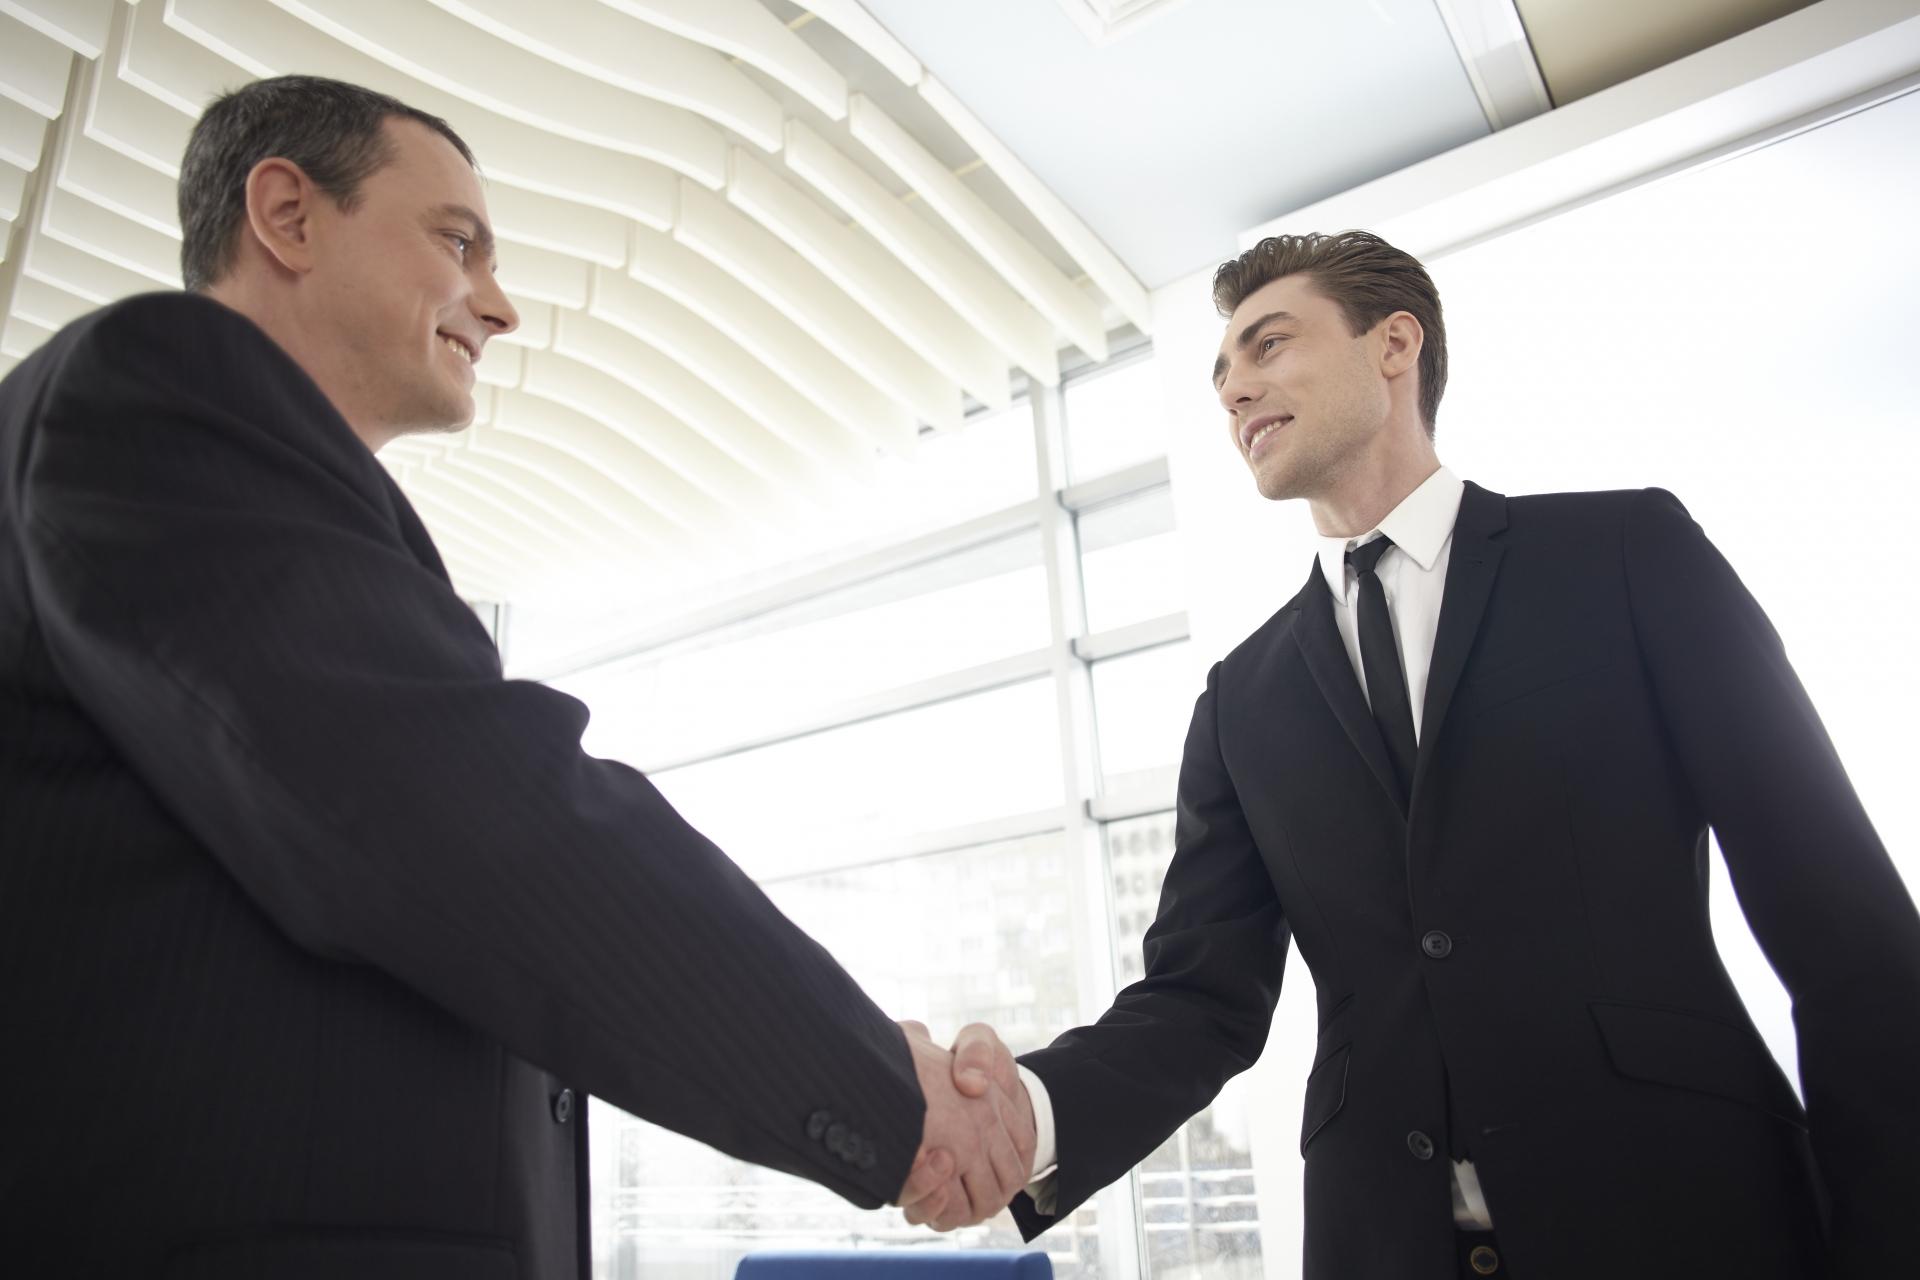 40代の転職に成功するための3つの秘訣!失敗しない為の考え方とは。